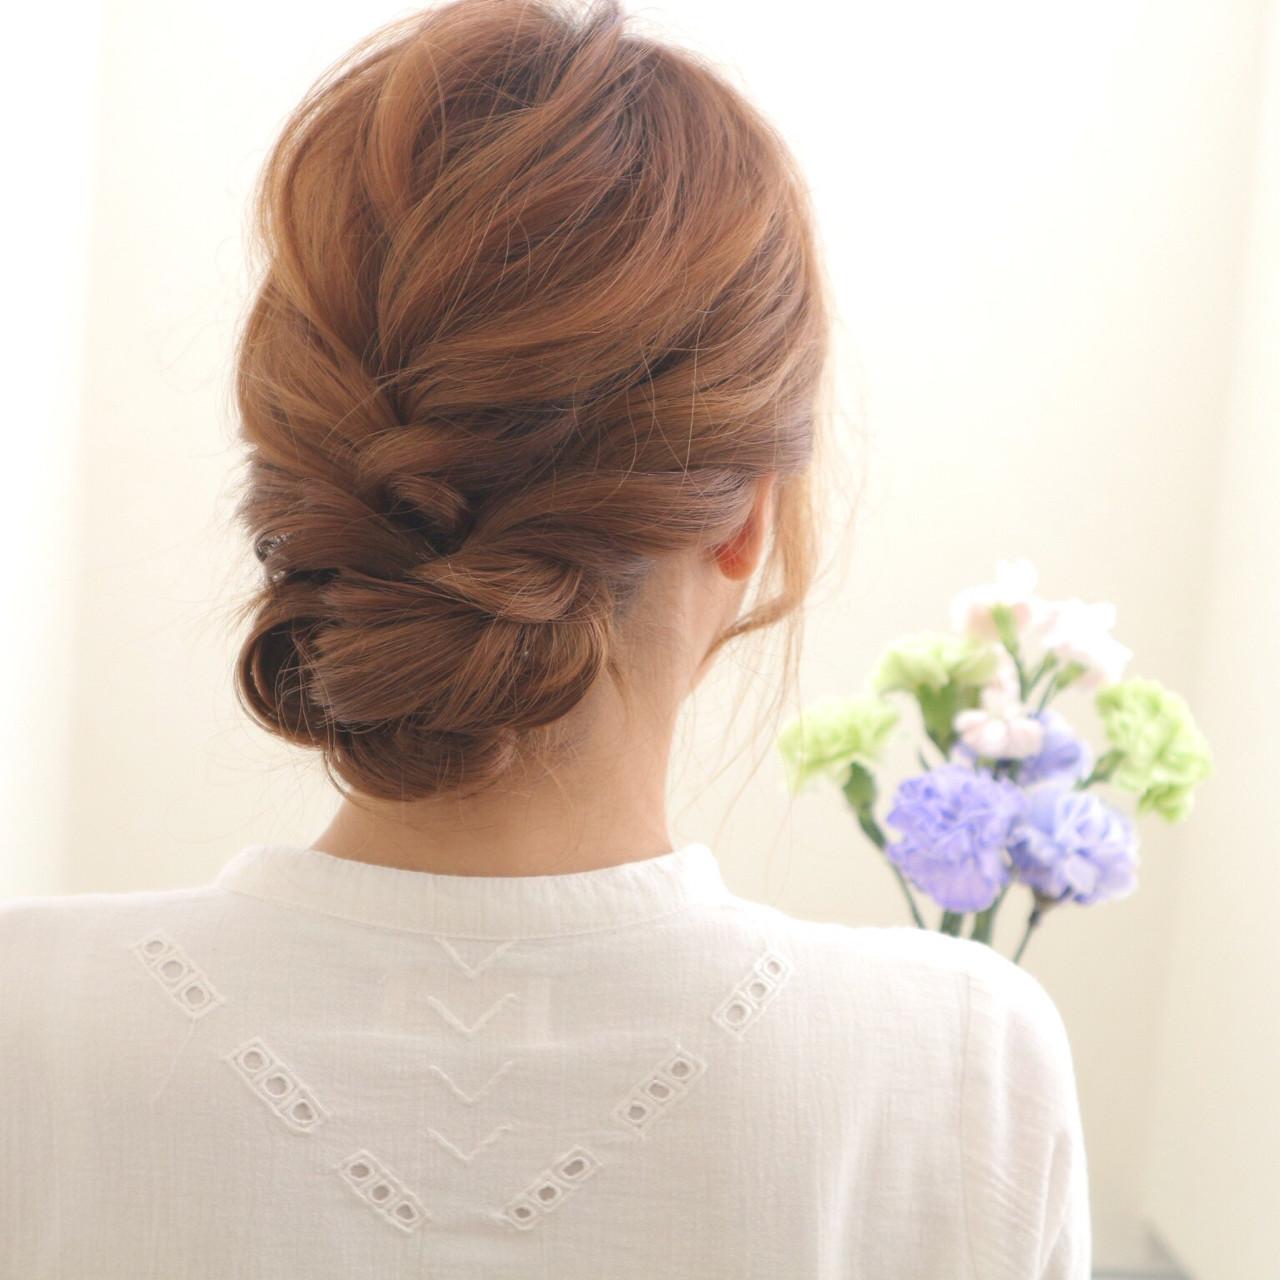 まとめ髪 ショート 簡単ヘアアレンジ ヘアアレンジ ヘアスタイルや髪型の写真・画像 | 桑村亮太/CALIF hair store / 函館/CALIF hair store/キャリフ ヘアストア